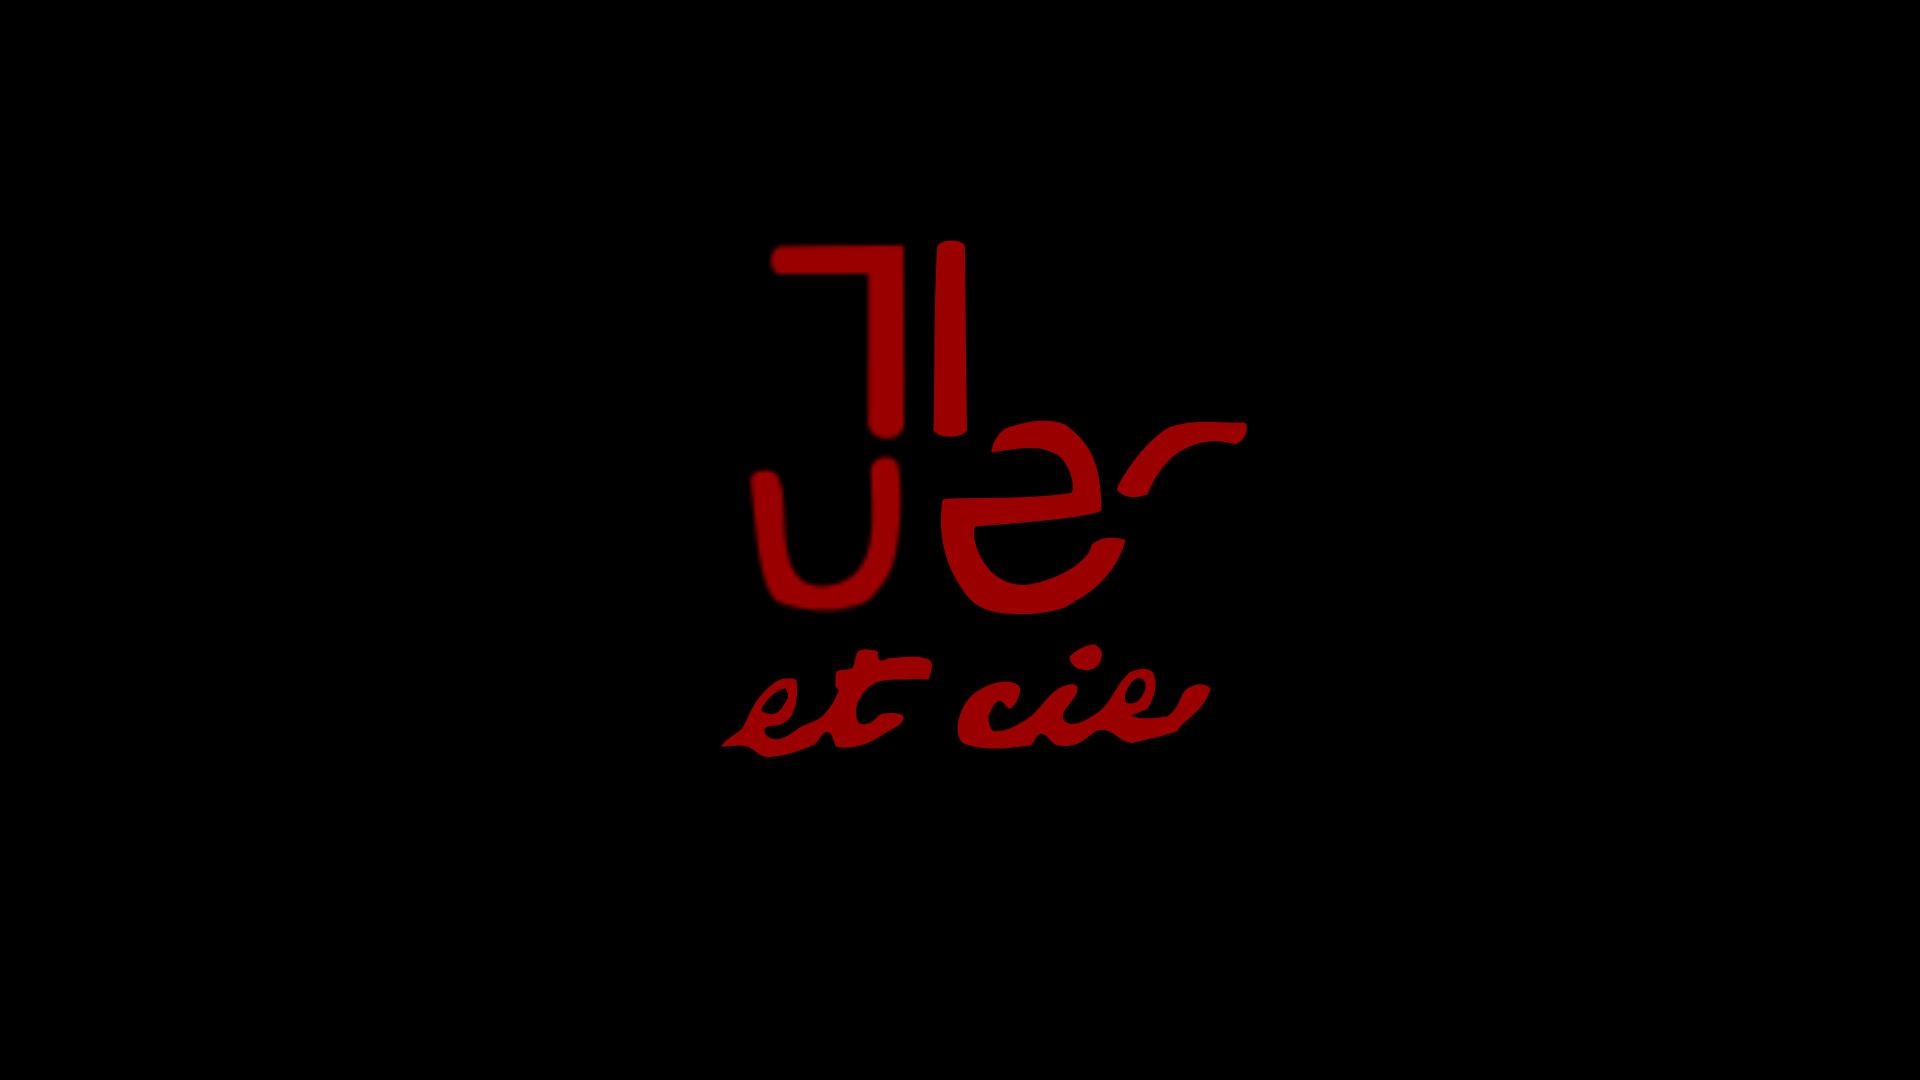 Jules et cie